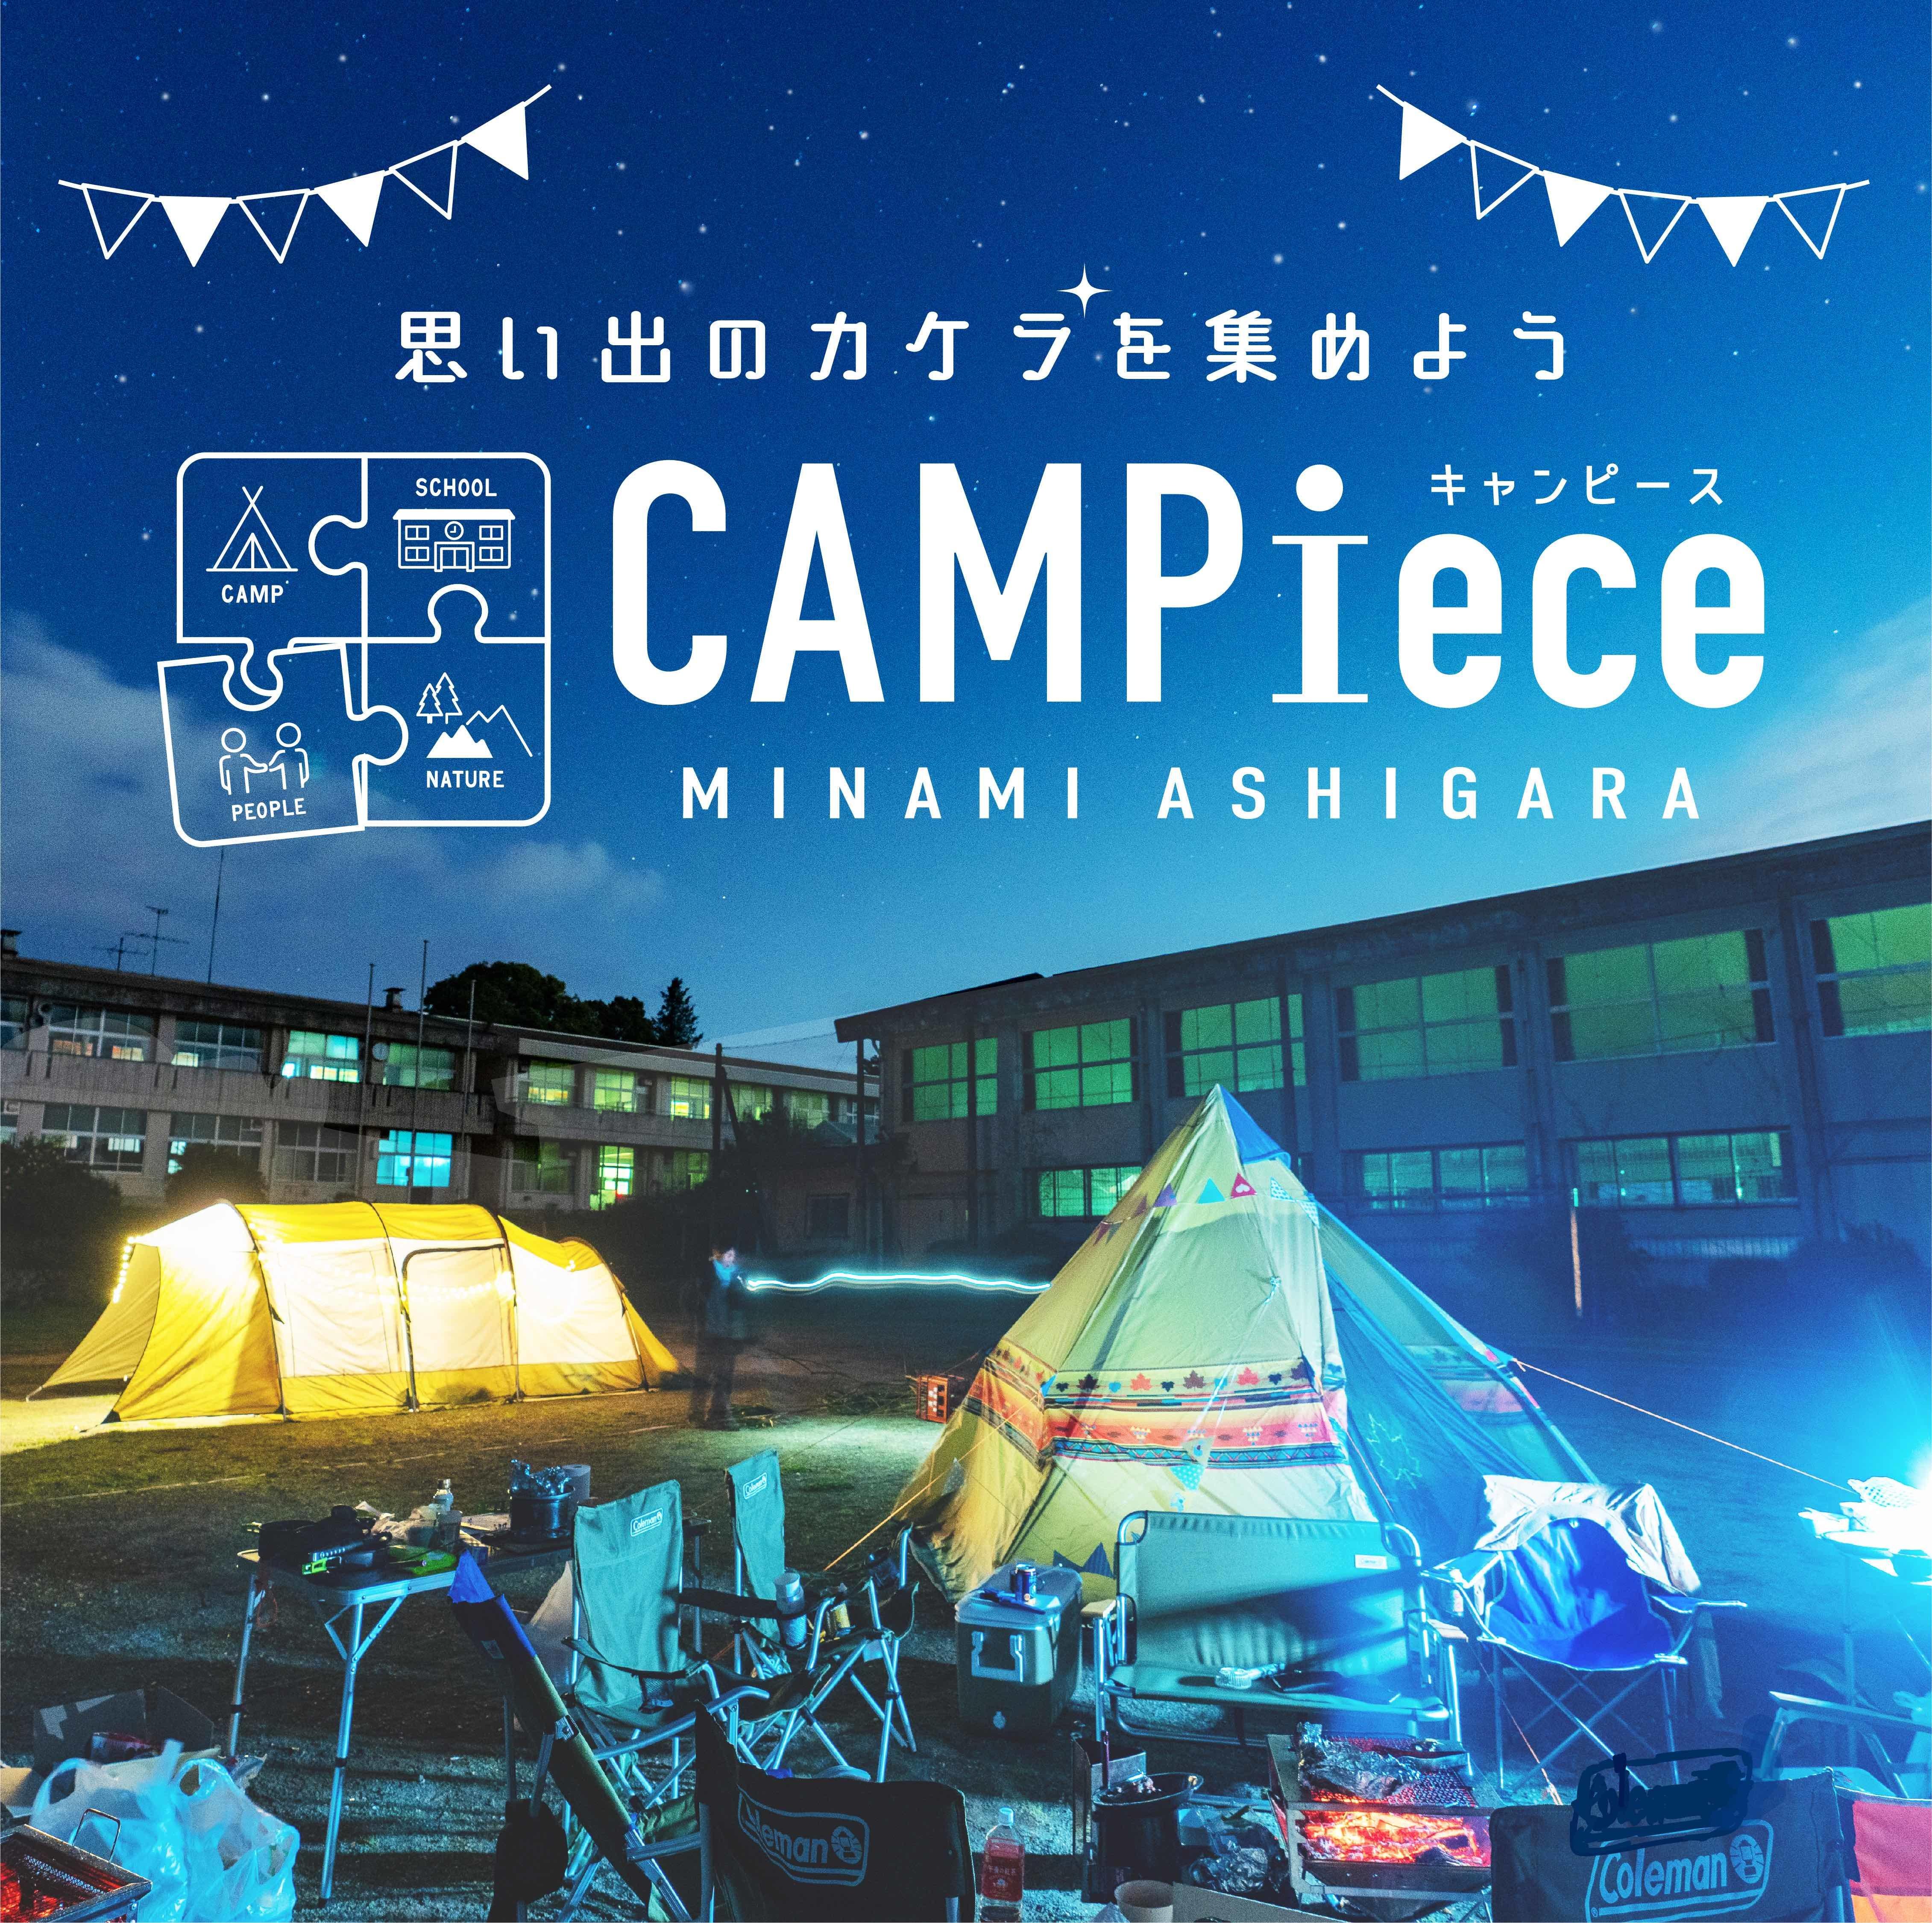 金太郎のふるさと神奈川県南足柄市の廃校がキャンプ場に!「CAMPiece(キャンピース)」2021年... 画像